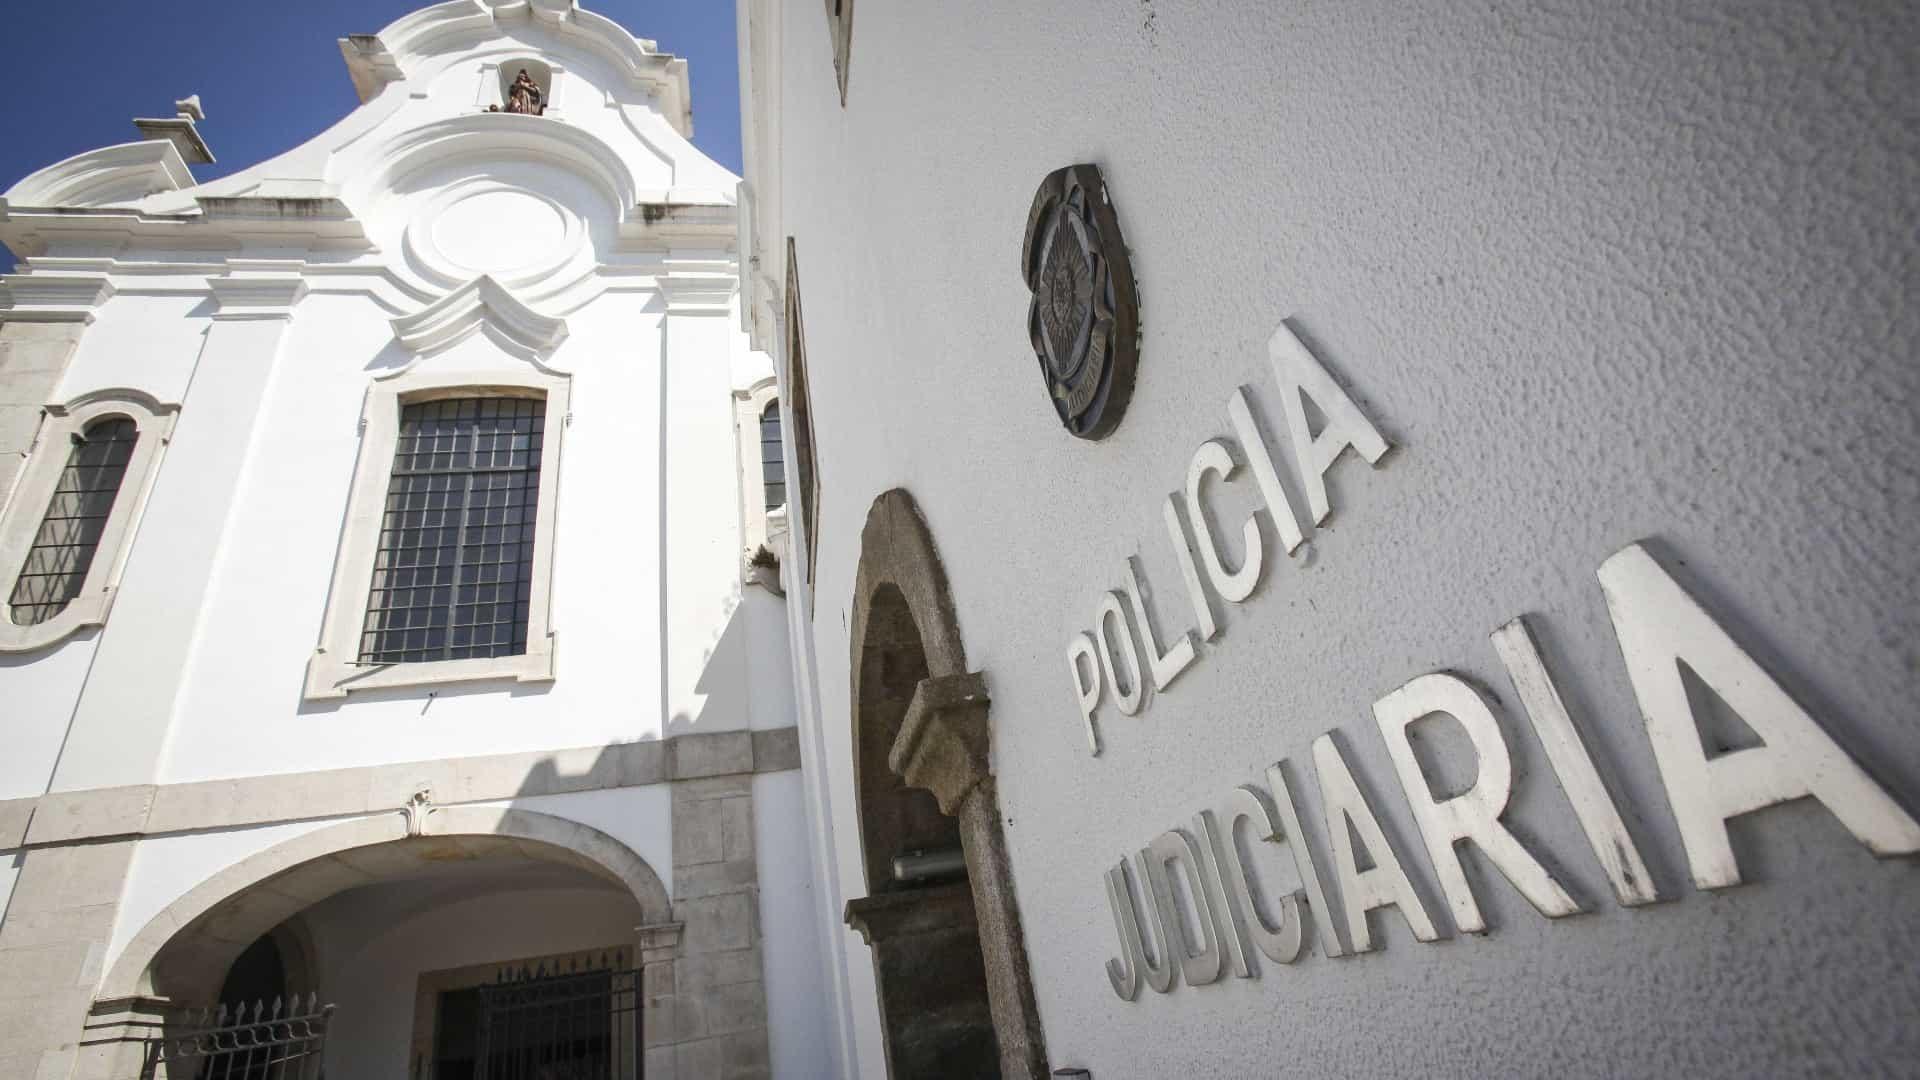 CRIME (Região) – Nove homens furtaram casa do cantor Delfim Júnior e do empresário Domingos Névoa